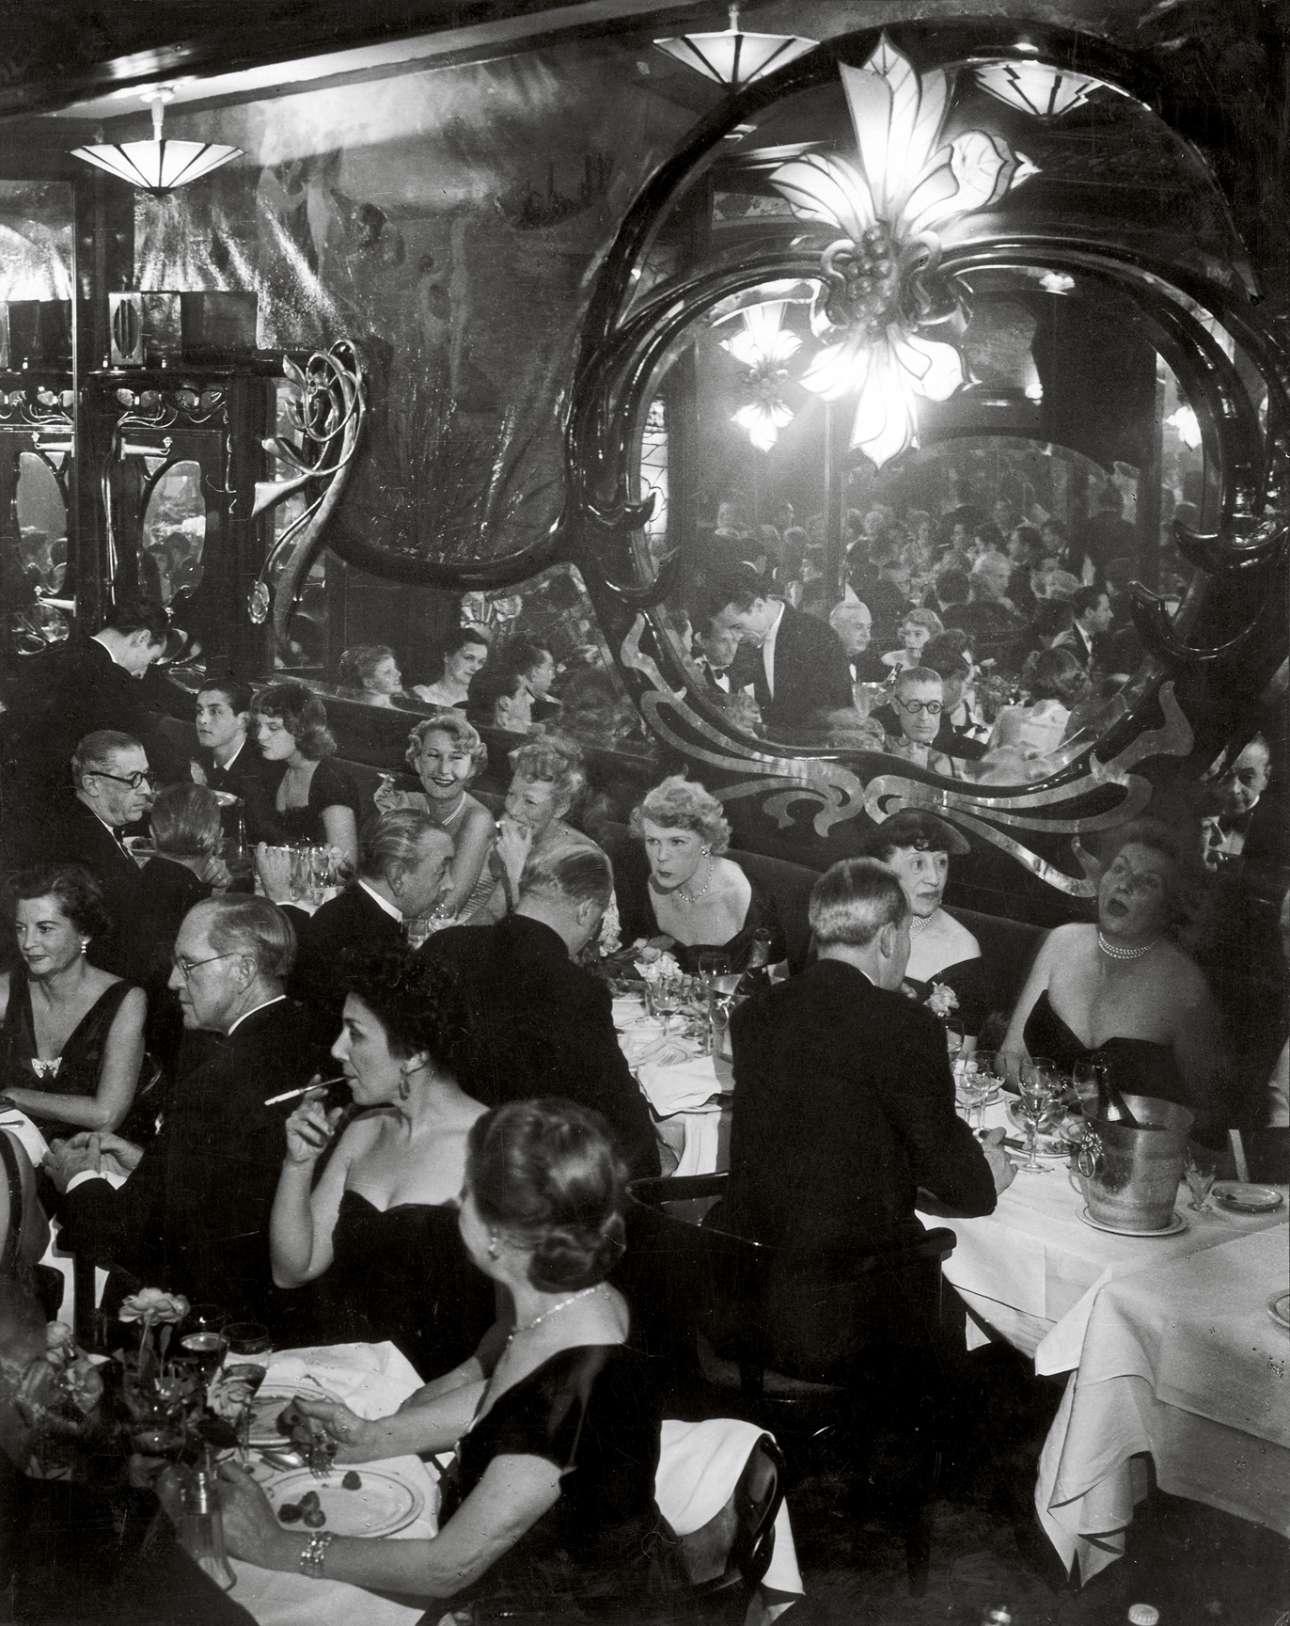 Κοσμικό γκαλά στο εστιατόριο Maxim's, τον Μάιο του 1949. Το παγκοσμίου φήμης εστιατόριο ήταν στέκι των Ναζί αξιωματικών κατά τη διάρκεια του Β' Παγκοσμίου Πολέμου, ύστερα το έκλεισε η Γαλλική Αντίσταση και άνοιξε ξανά στο τέλος της δεκαετίας του 1940 φιλοξενώντας διασήμους όπως η Μαρία Κάλλας και ο Αριστοτέλης Ωνάσης